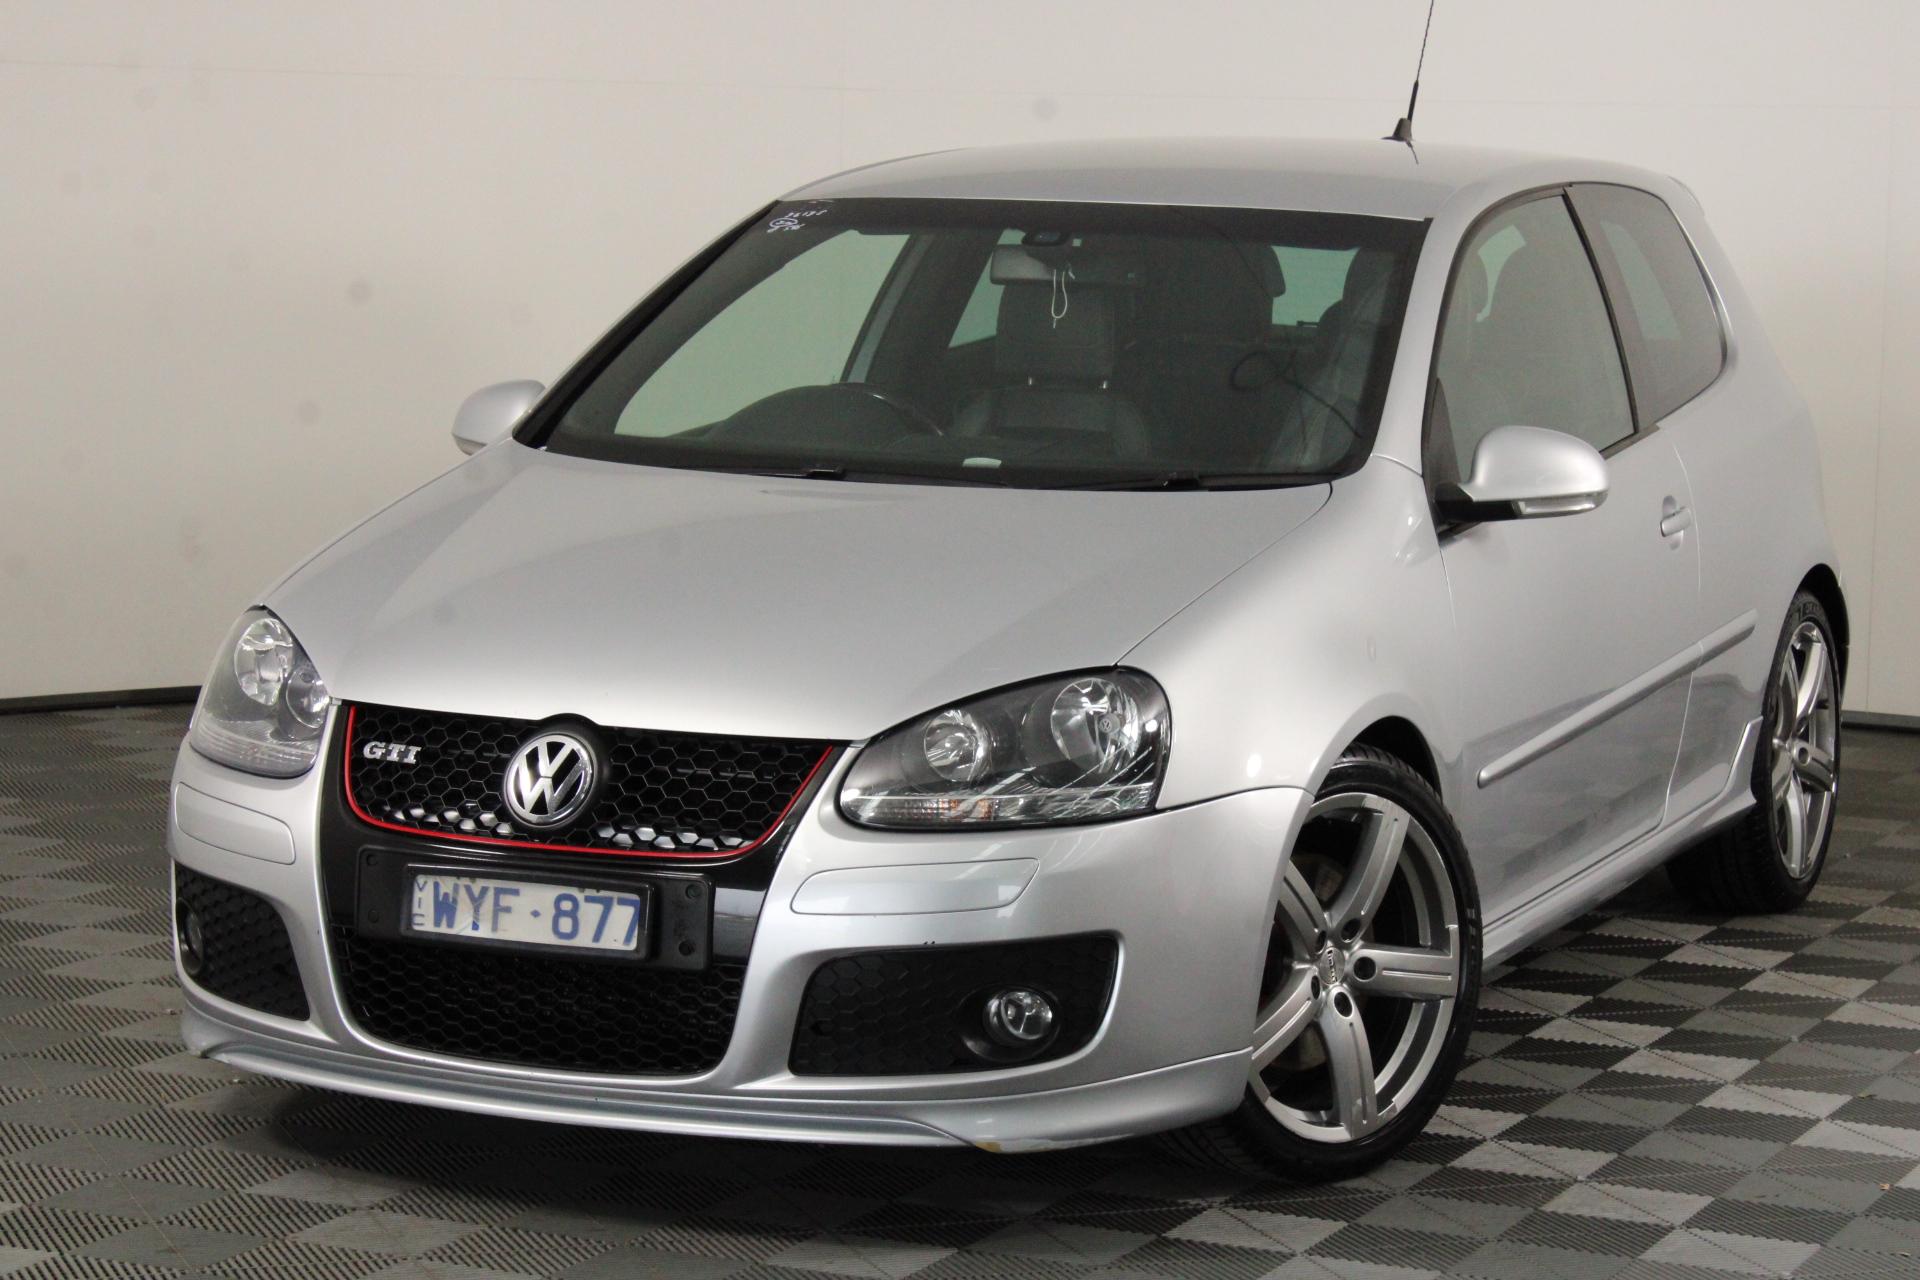 2008 Volkswagen Golf GTI PIRELLI 1k Automatic Hatchback